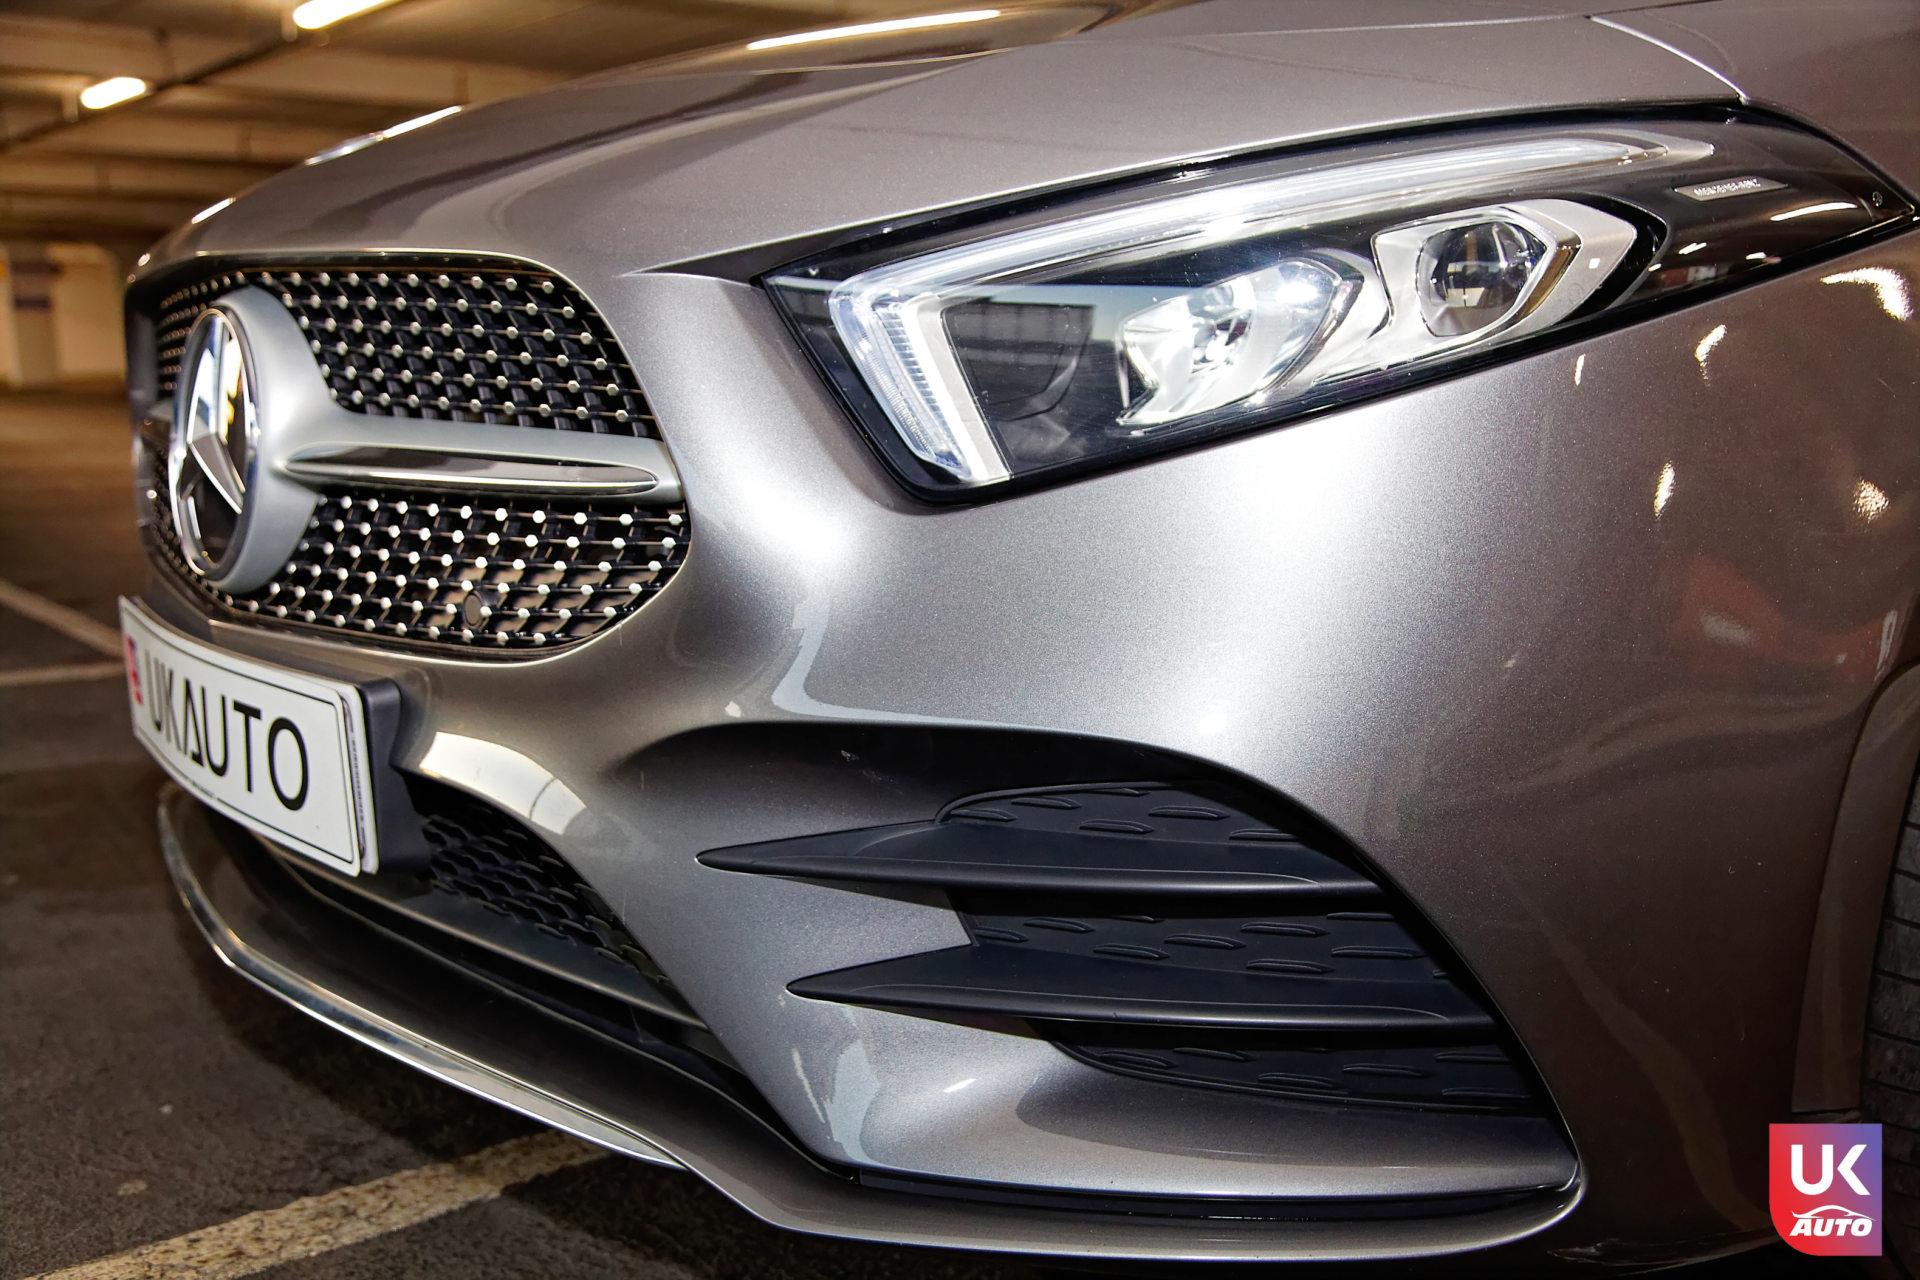 Mercedes uk mercedes angleterre mercedes a220 pack amg uk mercedes class a amg uk6 DxO - ACHAT ANGLETERRE MERCEDES C220 MERCEDES ANGLETERRE IMPORT UKAUTO.FR AUTOTRADER UK